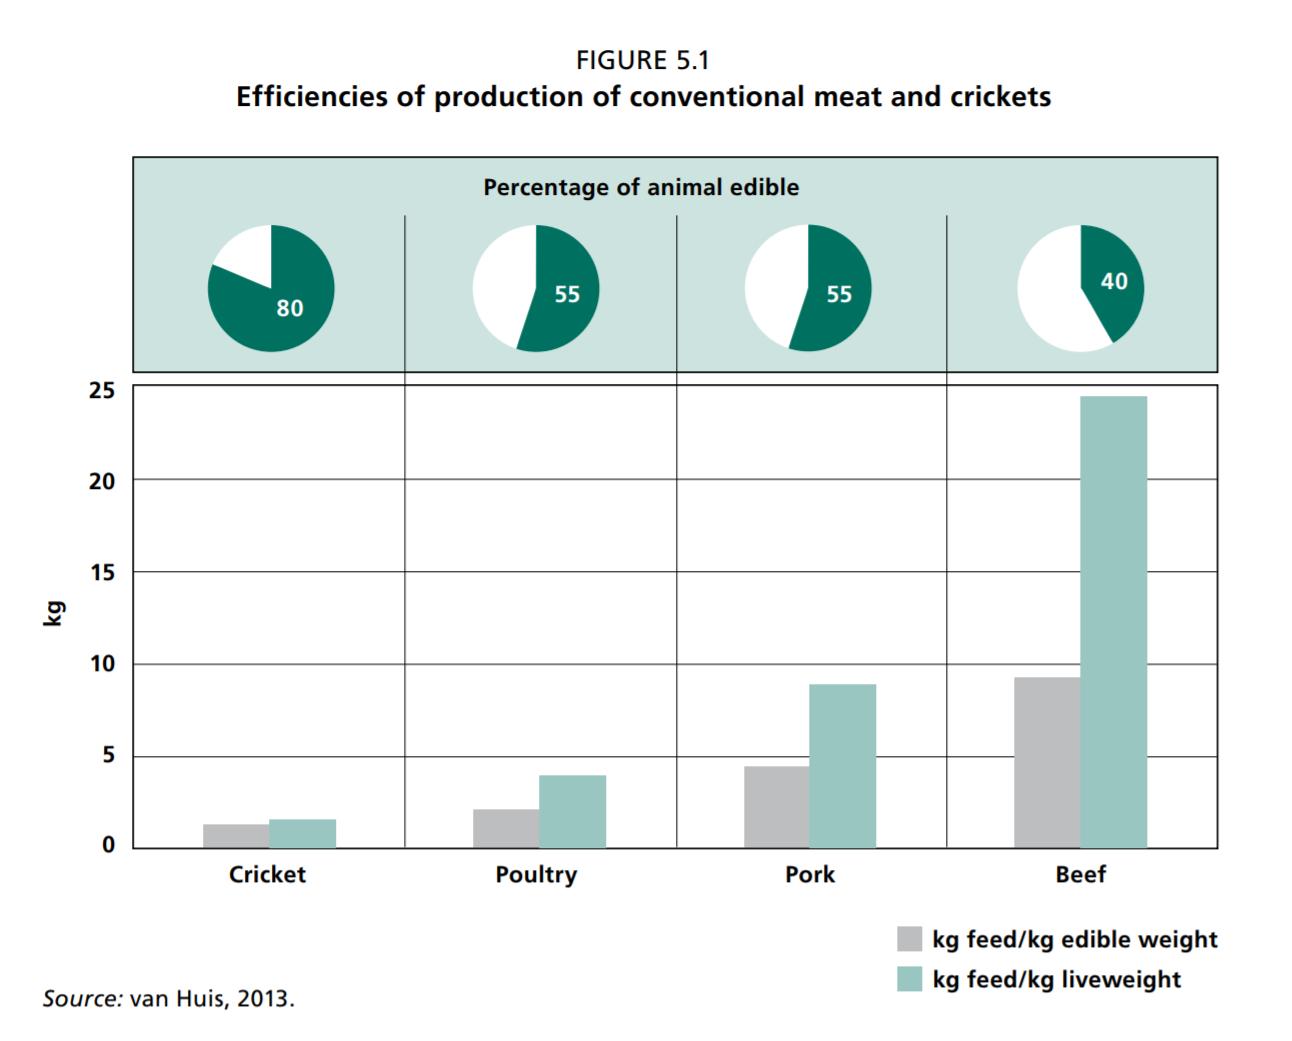 Op til 80% af en græshoppe er spiselig sammenlignet med 55% af en kylling og en gris og 40% for kvæg. For hvert kilo af husdyrets vægt kræver det følgende mængde foder (i en typisk amerikansk produktion): 2,5 kg til kyllinger, 5 kg til grise og 10 kg til køer. Insekter kræver meget mindre. Produktionen af 1 kg fårekyllinger kræver 1,7 kg foder. Illustration fra: FN's Fødevare og Landbrugsorganisations rapport fra 2013.